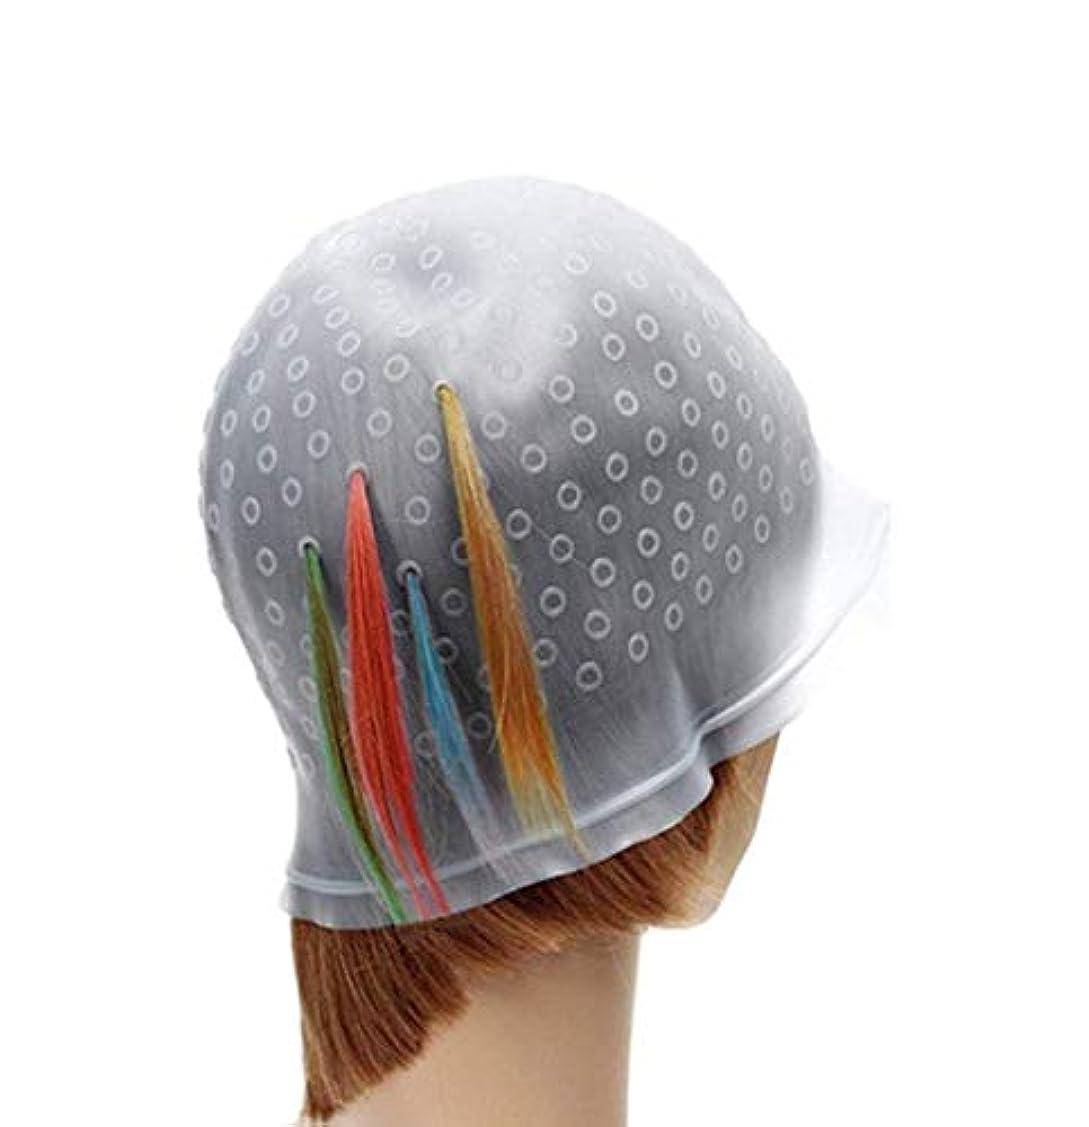 マーキー散る見てFACAI 洗って使える 毛染め ヘアカラー メッシュ 用 シリコン ヘア キャップ 穴あけポンチ シリコン キャップ (透明)